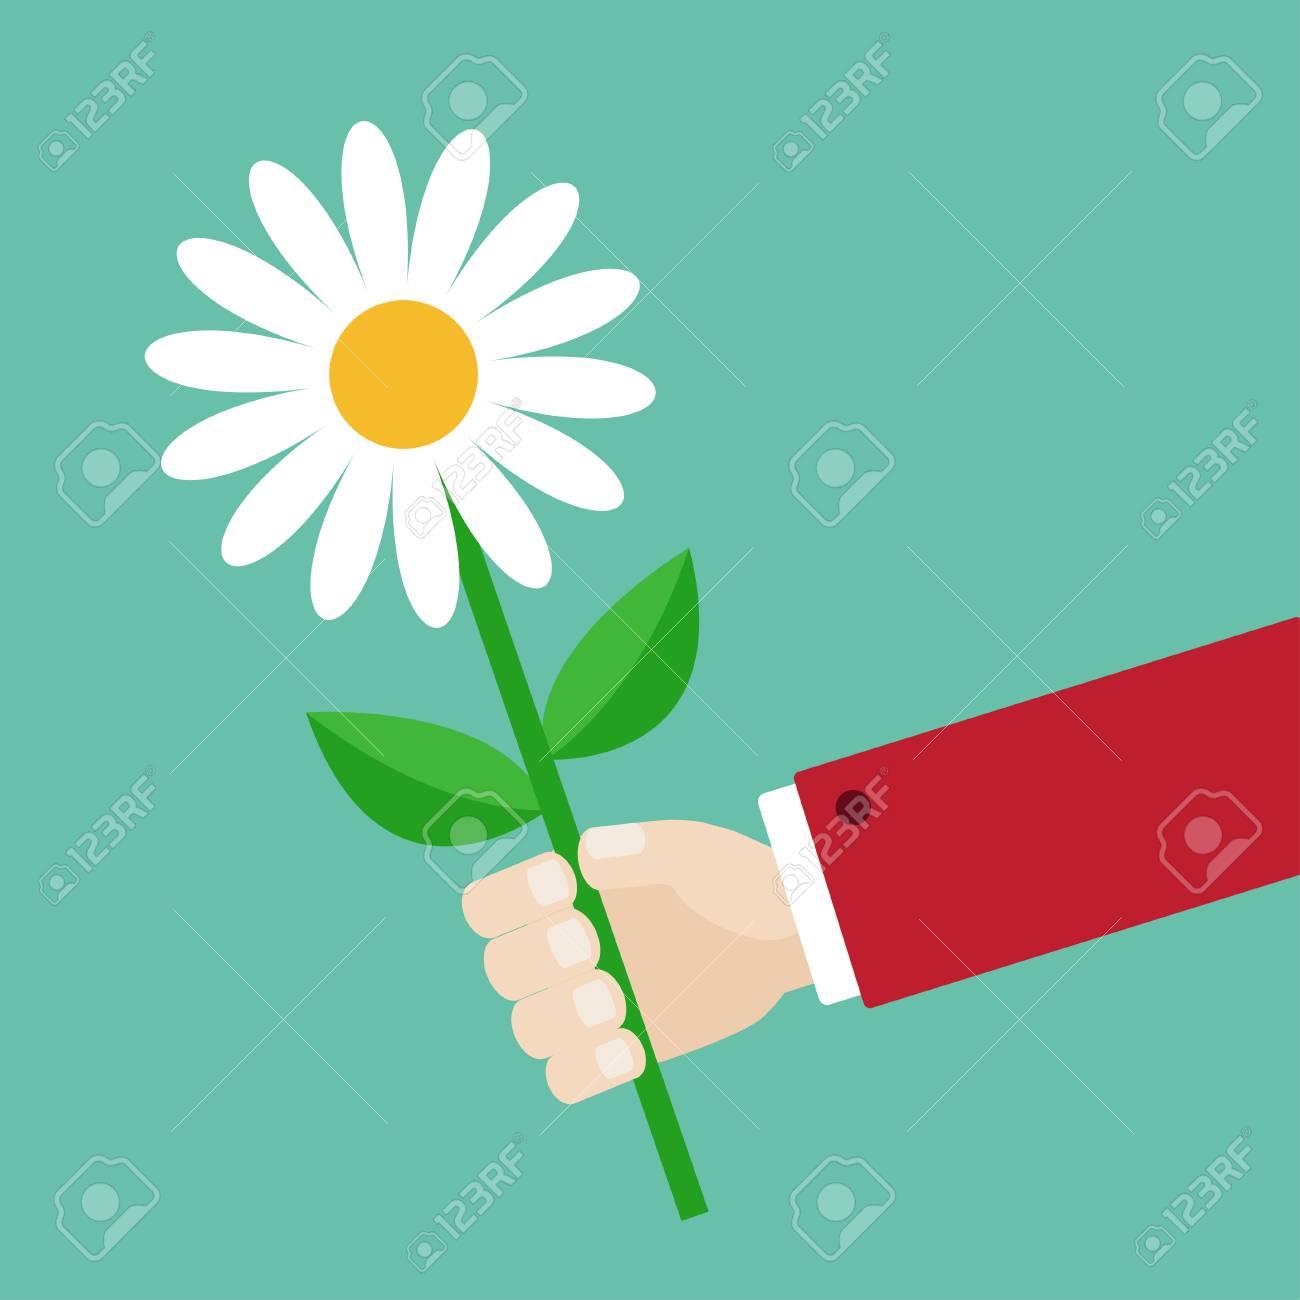 Daisy Flower Cartoon